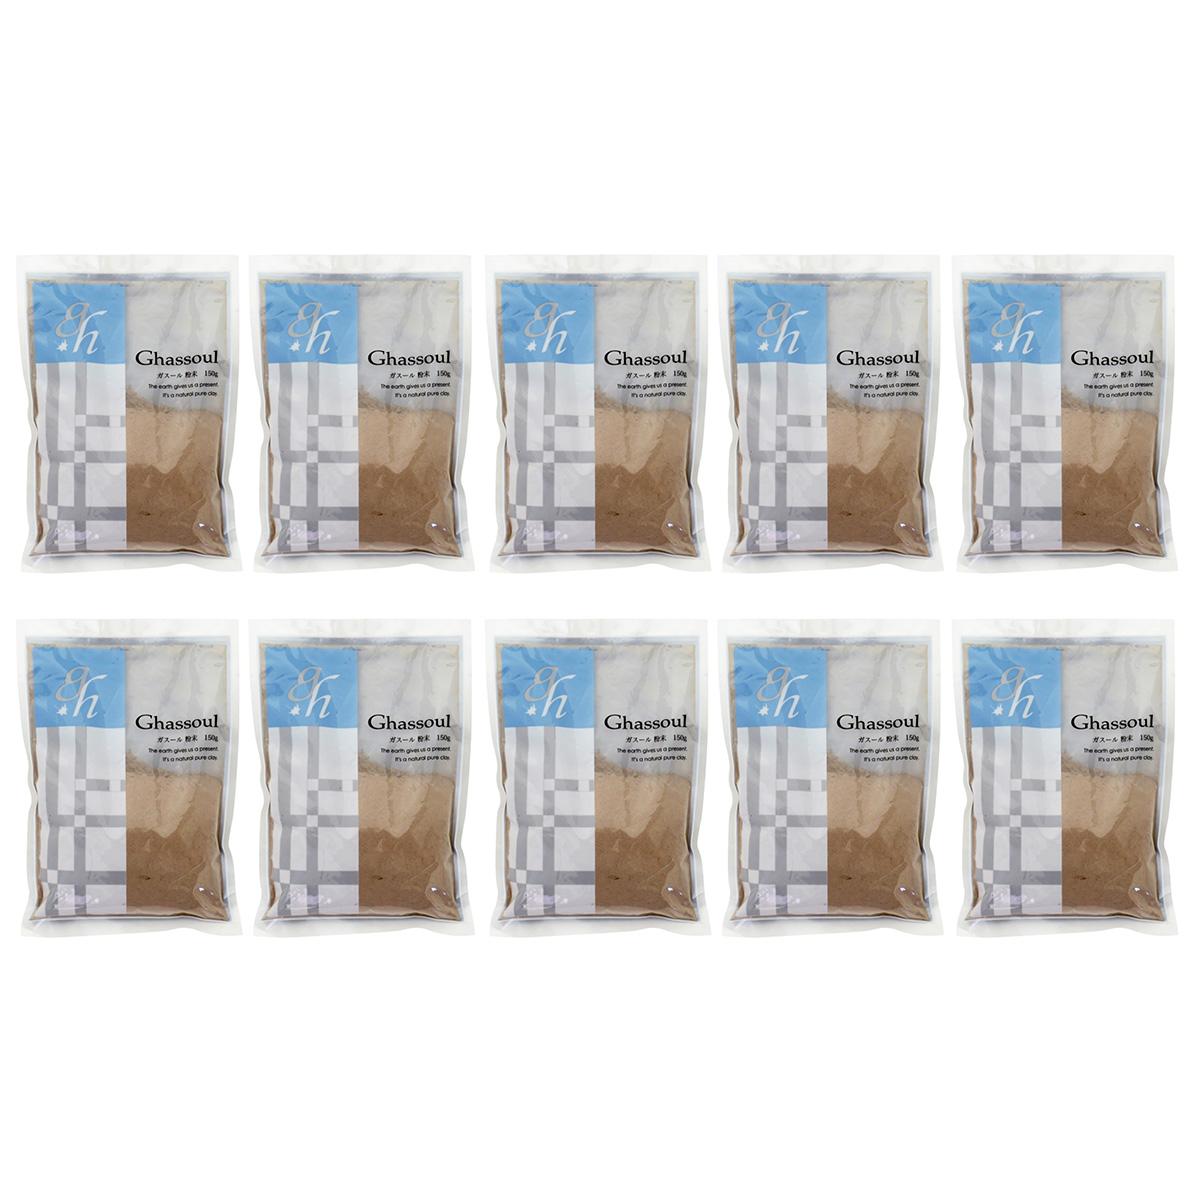 ナイアード ガスール 粉末 150g モロッコのねんど 10個セット 【 あす楽 送料無料 】【 ナイアード naiad 】